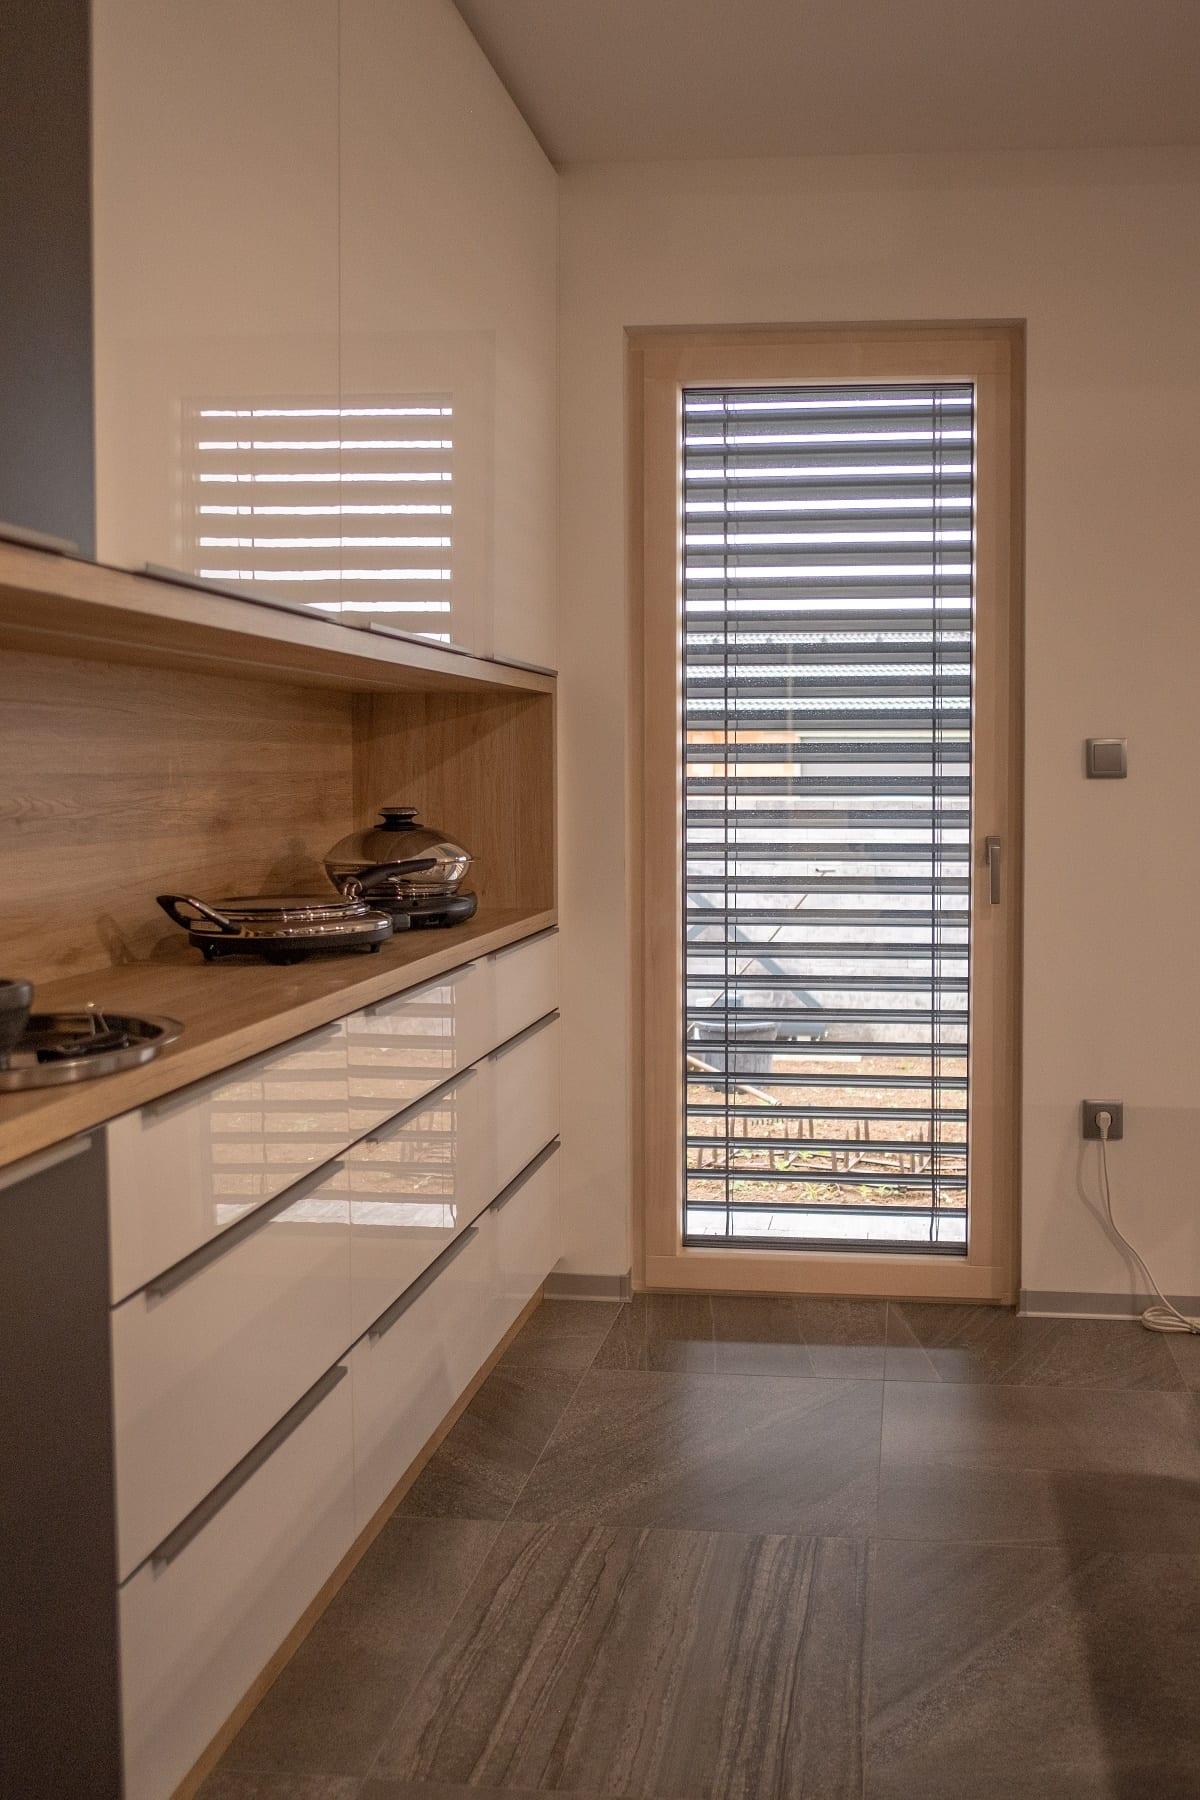 kuchyna-okno-dvere-zaluzie-kuchynska-linka-drevo-drevene-okna